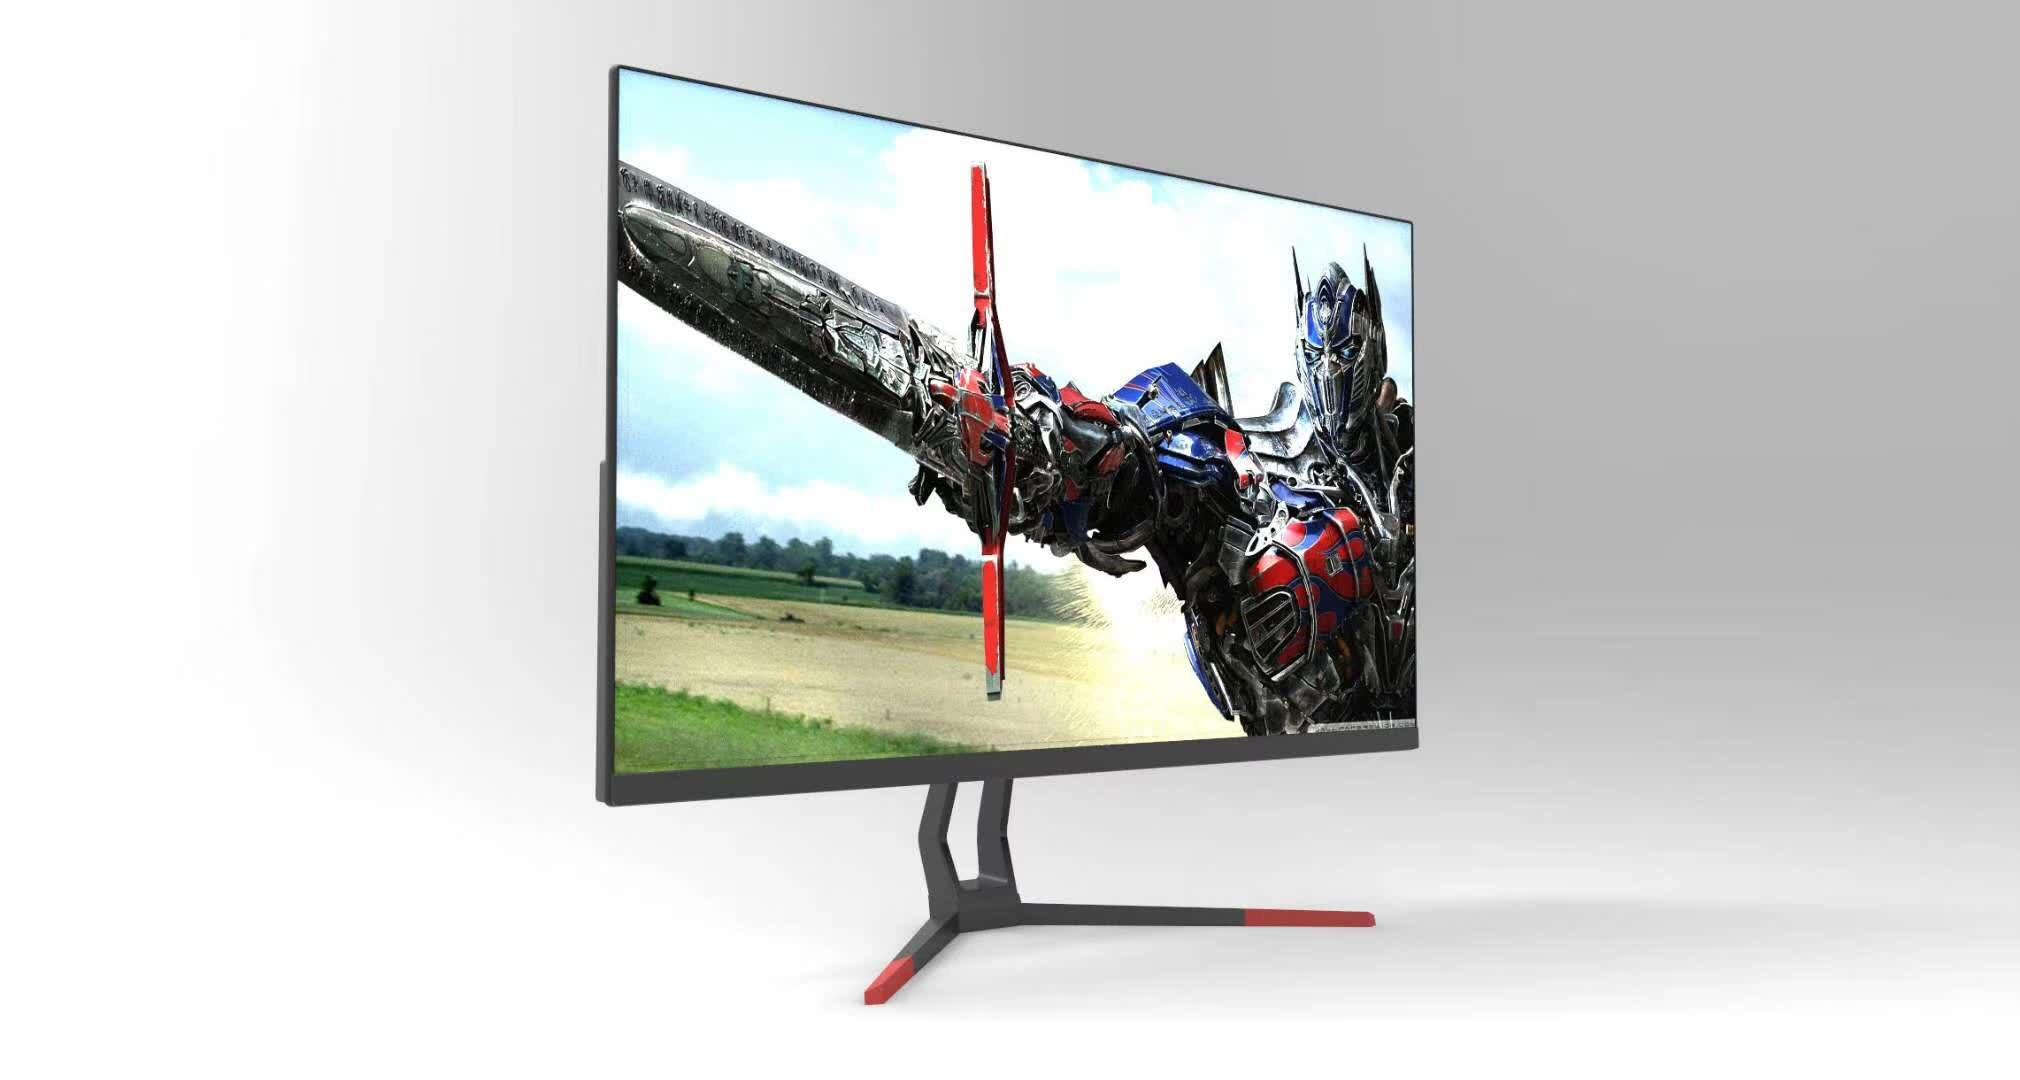 LED液晶电视.jpg